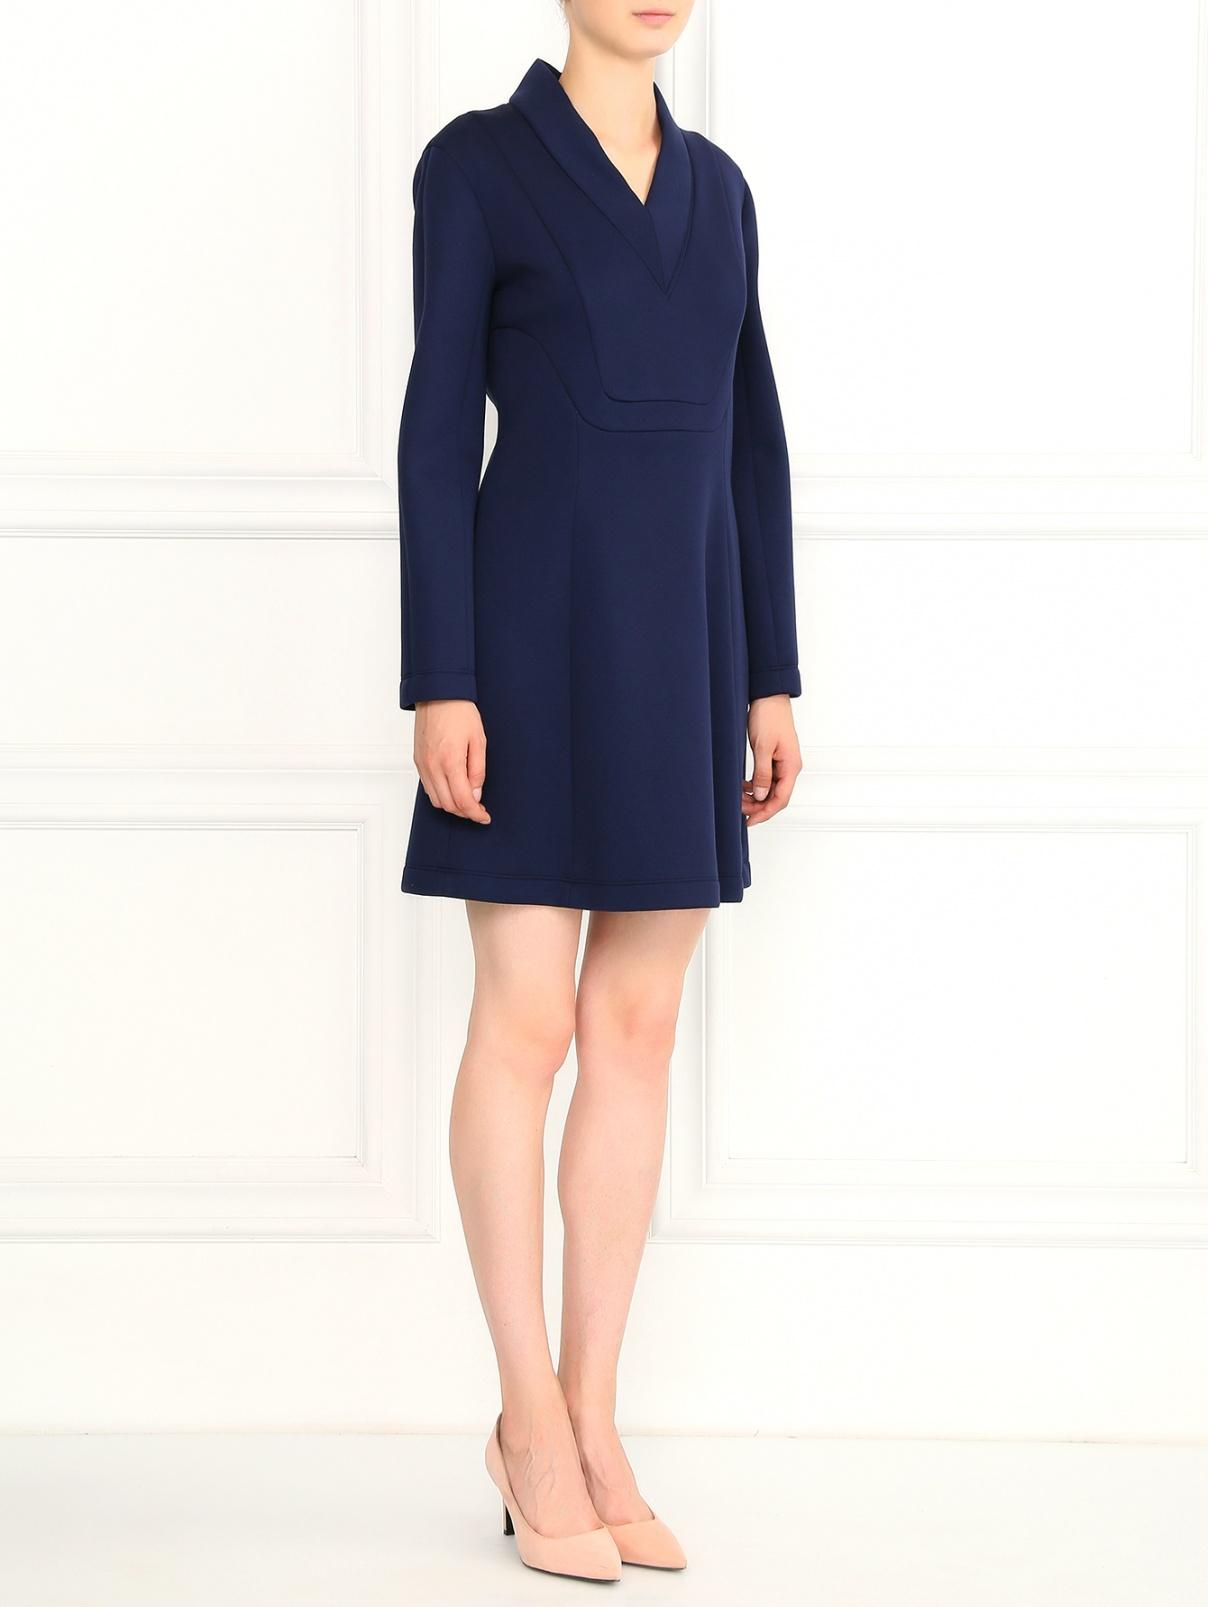 Платье-мини с V-образным вырезом Cedric Charlier  –  Модель Общий вид  – Цвет:  Синий